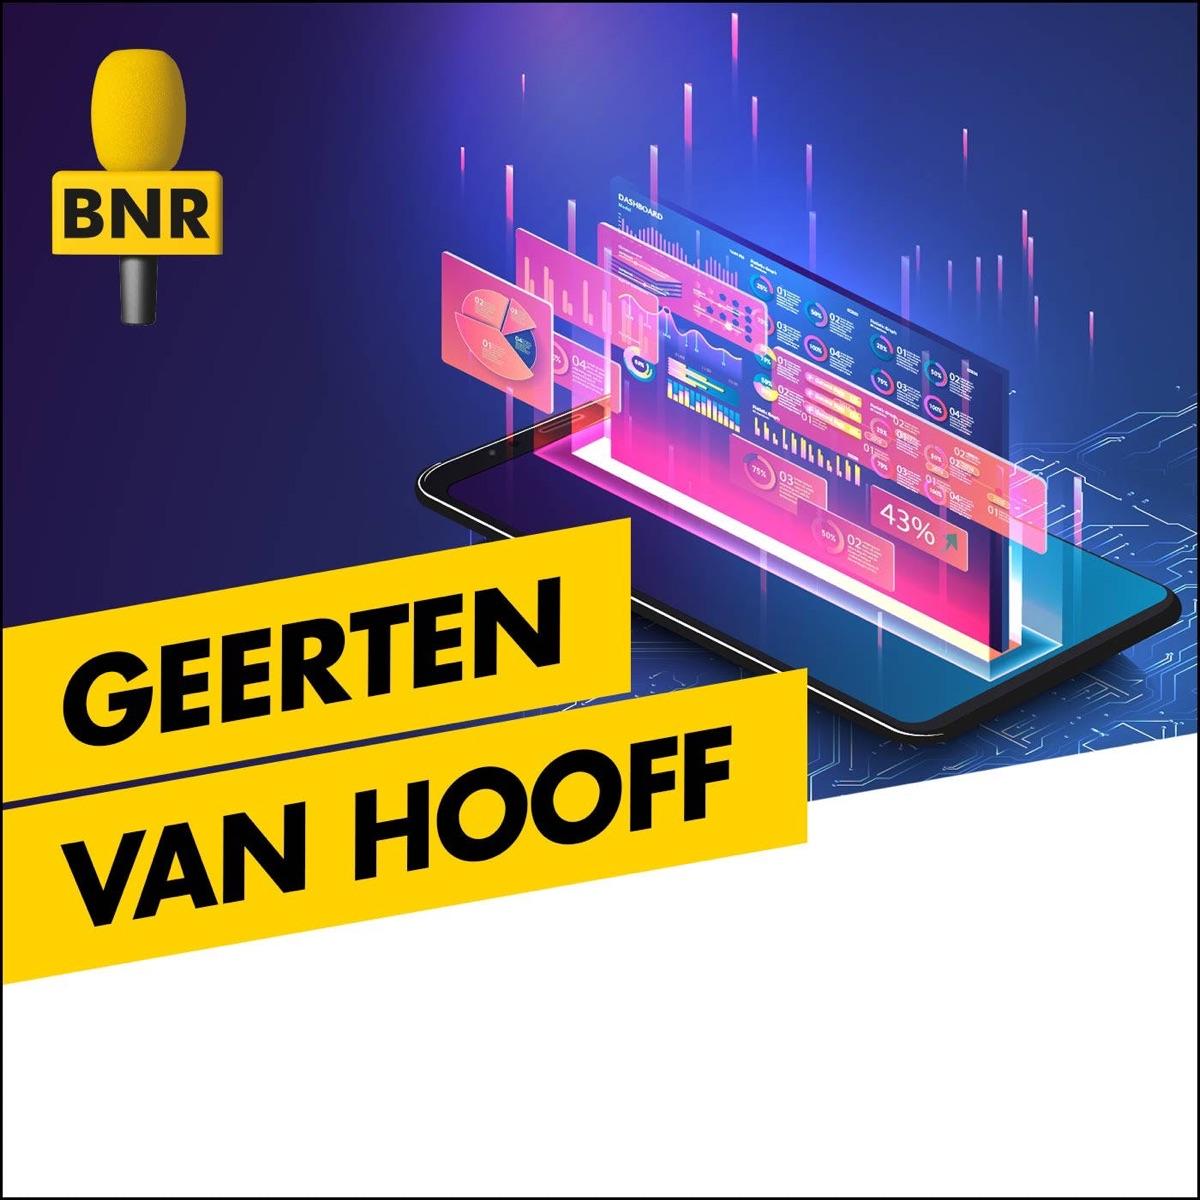 Geerten van Hooff | BNR